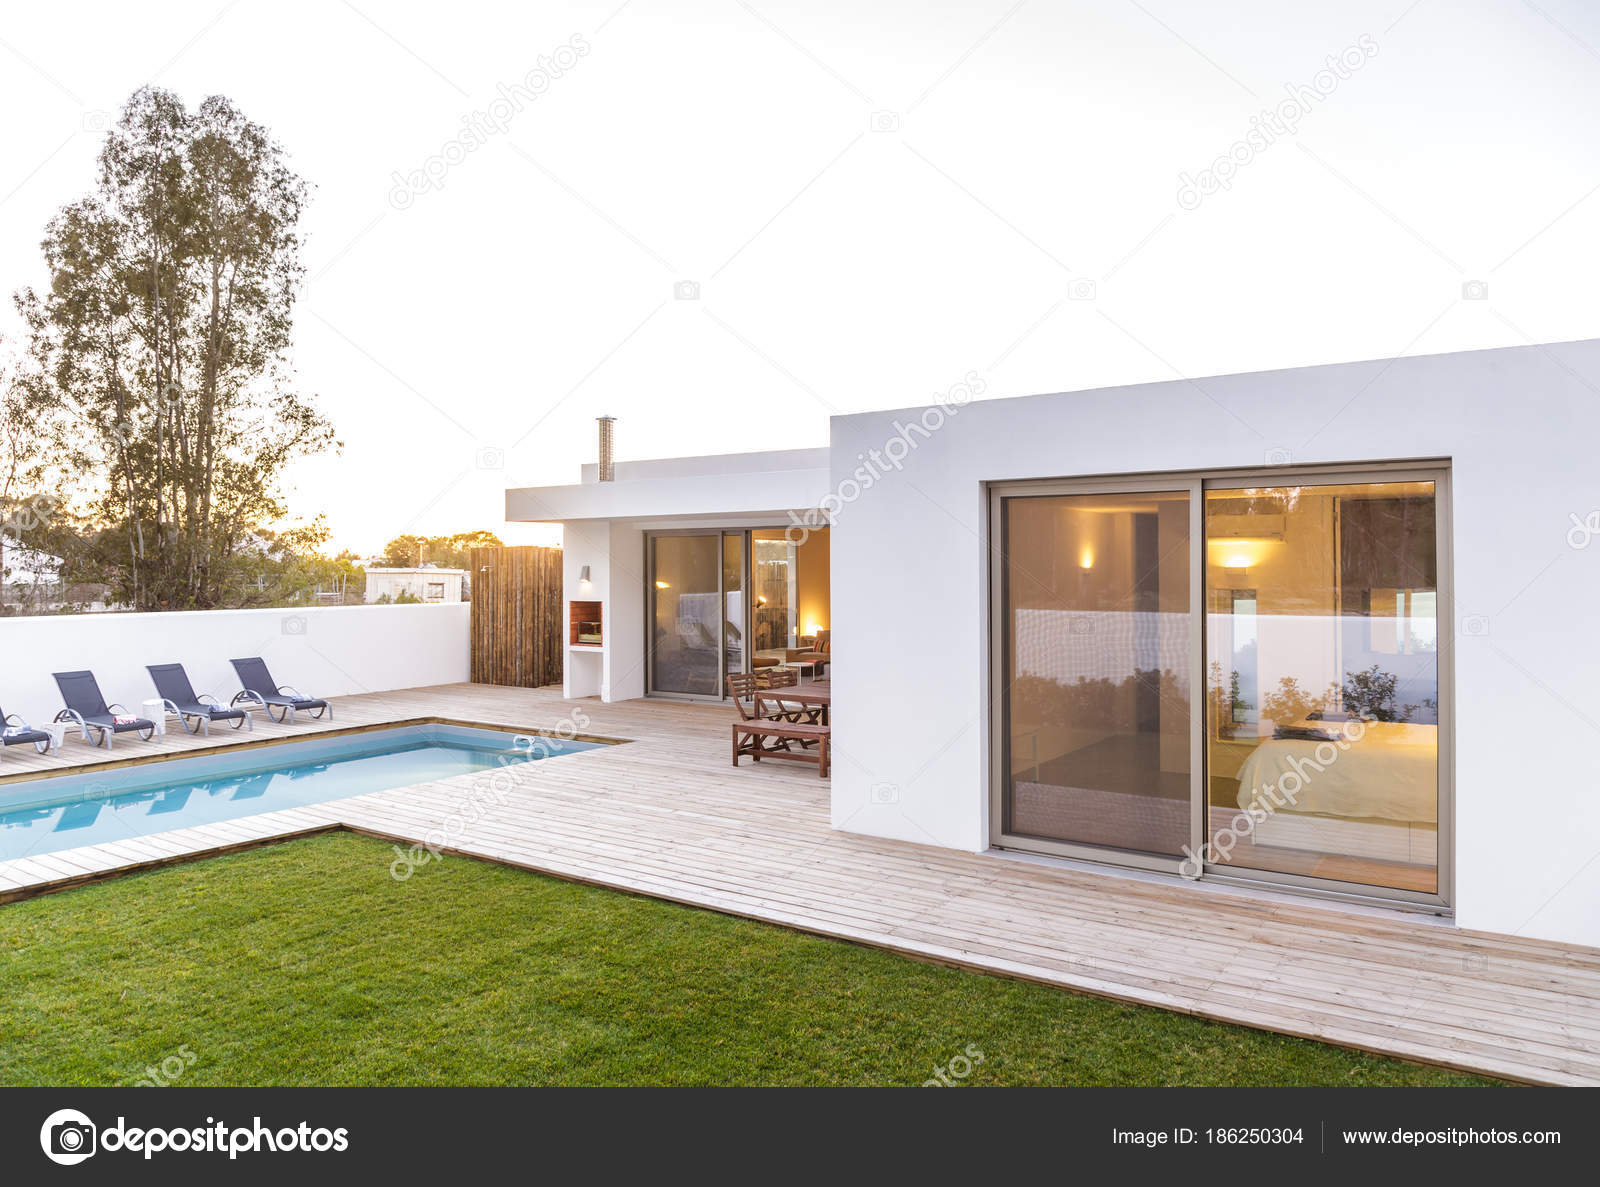 Casa moderna con giardino piscina e solarium in legno for Ville moderne con vetrate